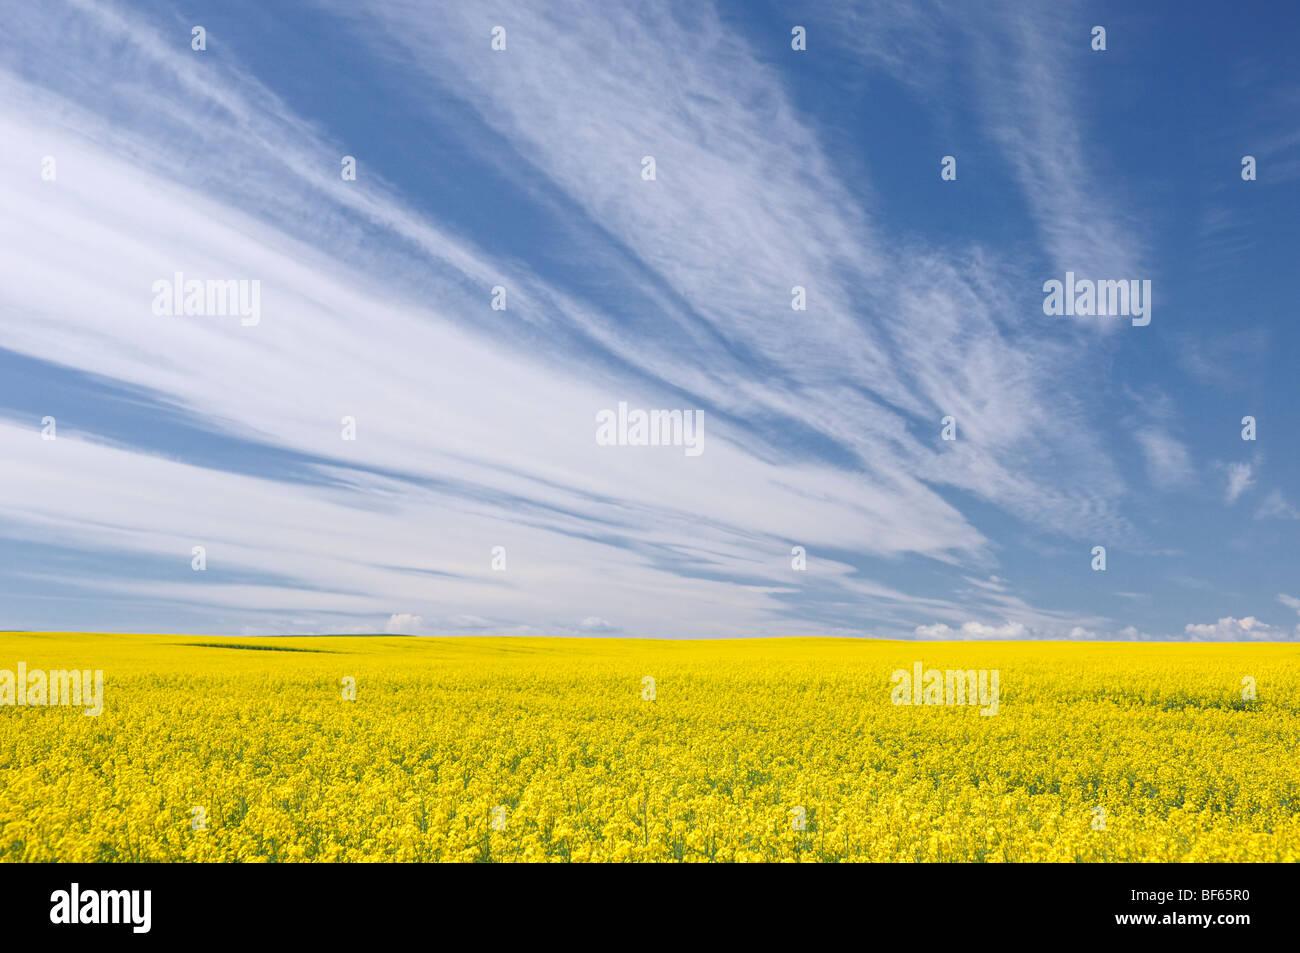 Canola field near Carstairs, Alberta, Canada Stock Photo